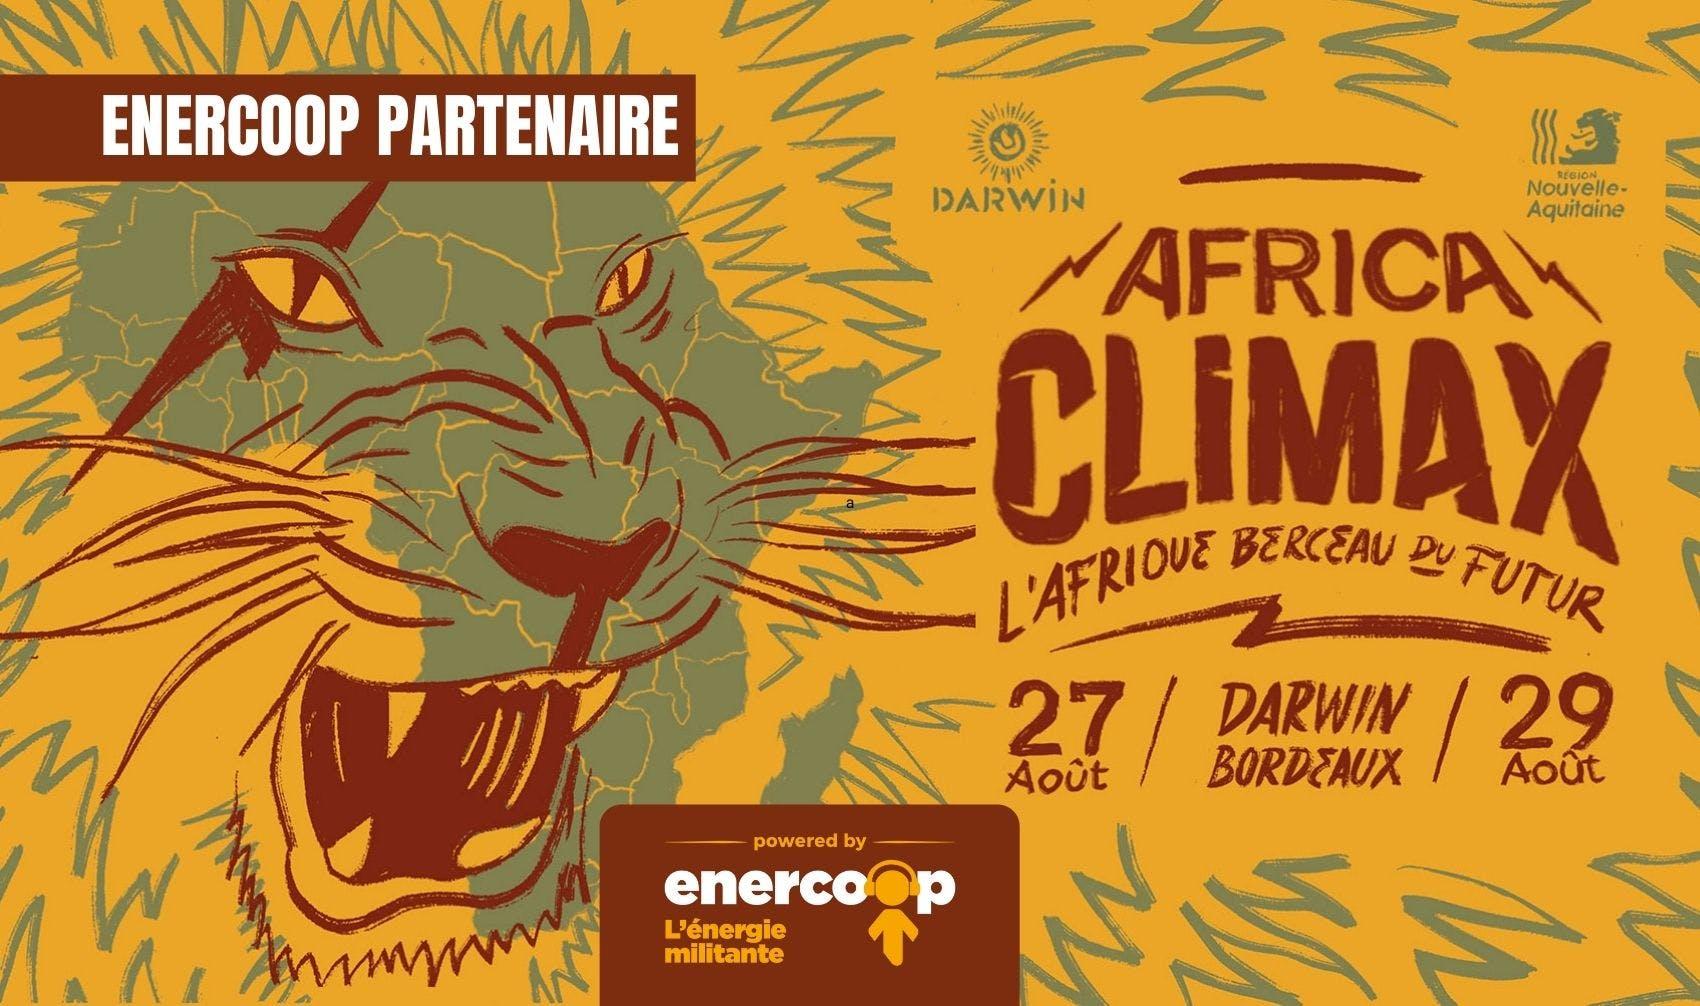 Enercoop partenaire du festival AFRICA CLIMAX - Enercoop Nouvelle-Aquitaine